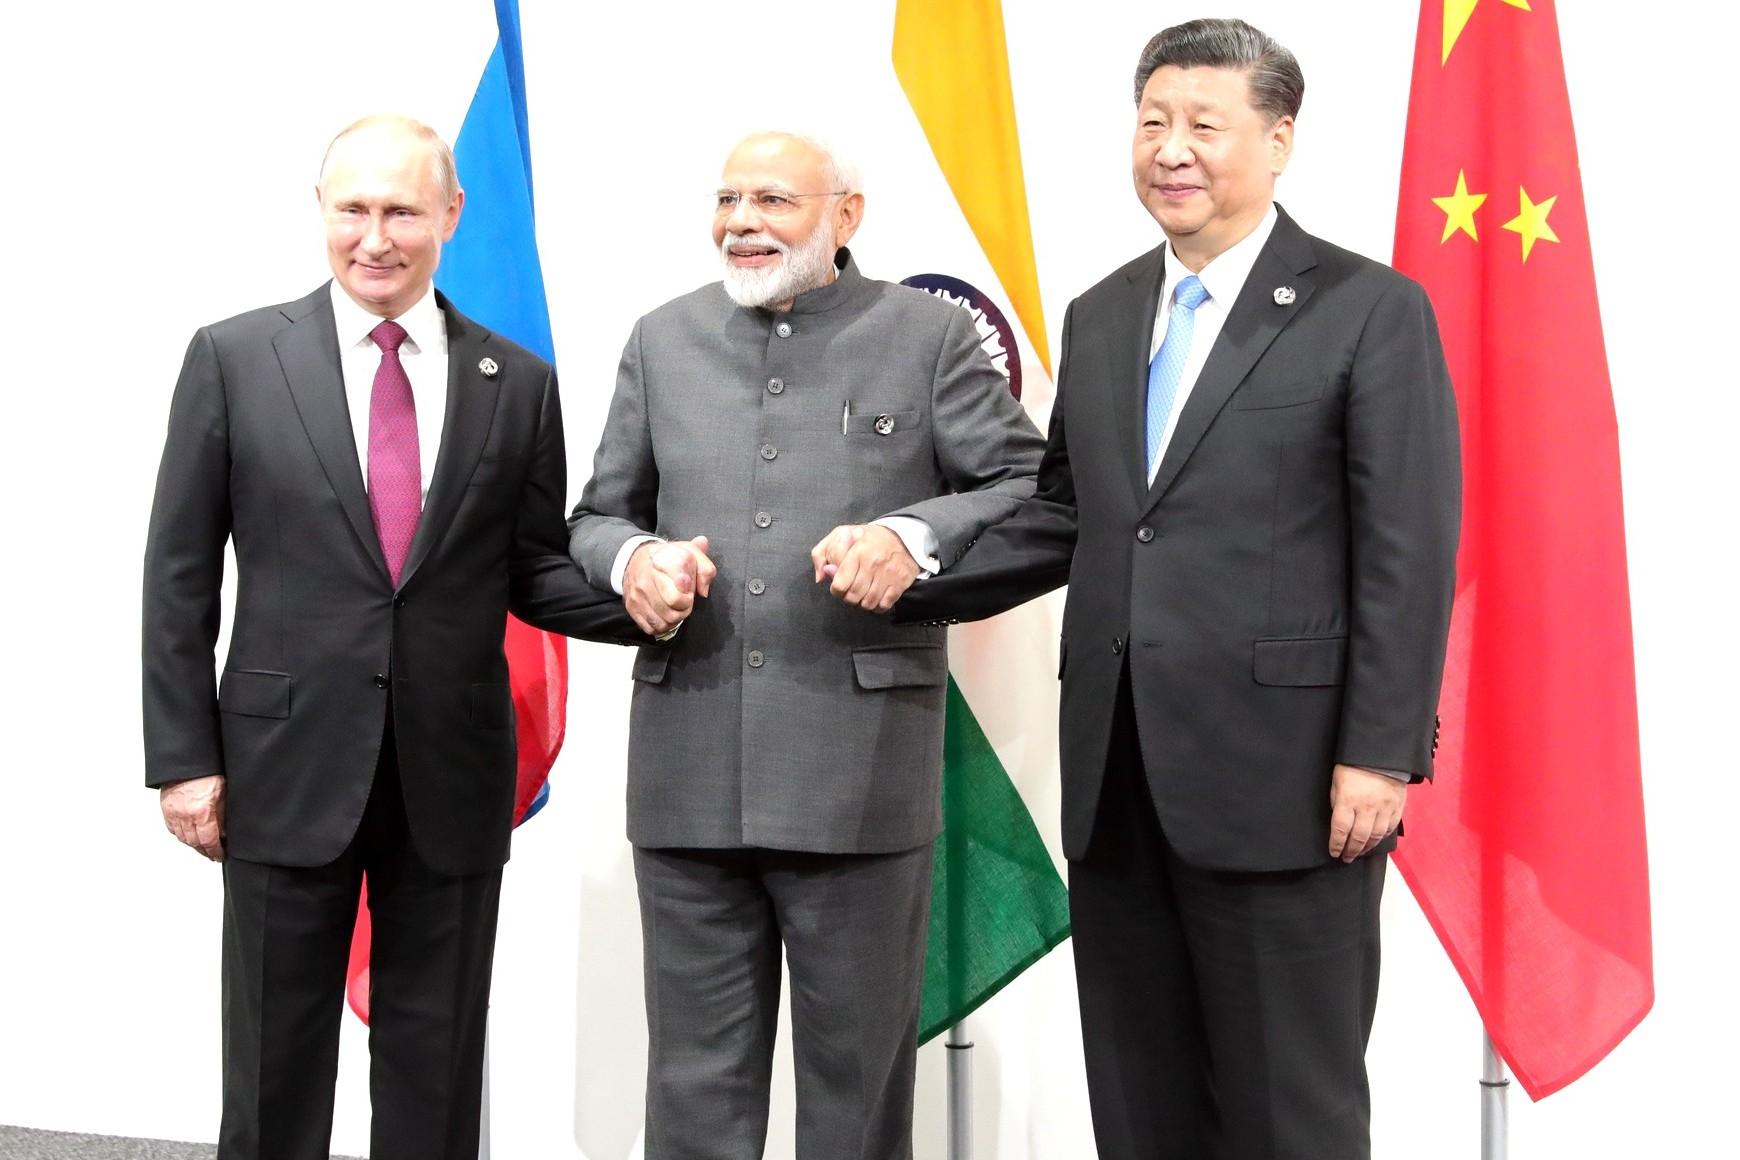 Ruski predsednik Vladimir Putin i kineski predsednik Si Đinping tokom sastanka sa indijskim premijerom Narendrom Modijem, Osaka, 28. jun 2019. (Foto: kremlin.ru)